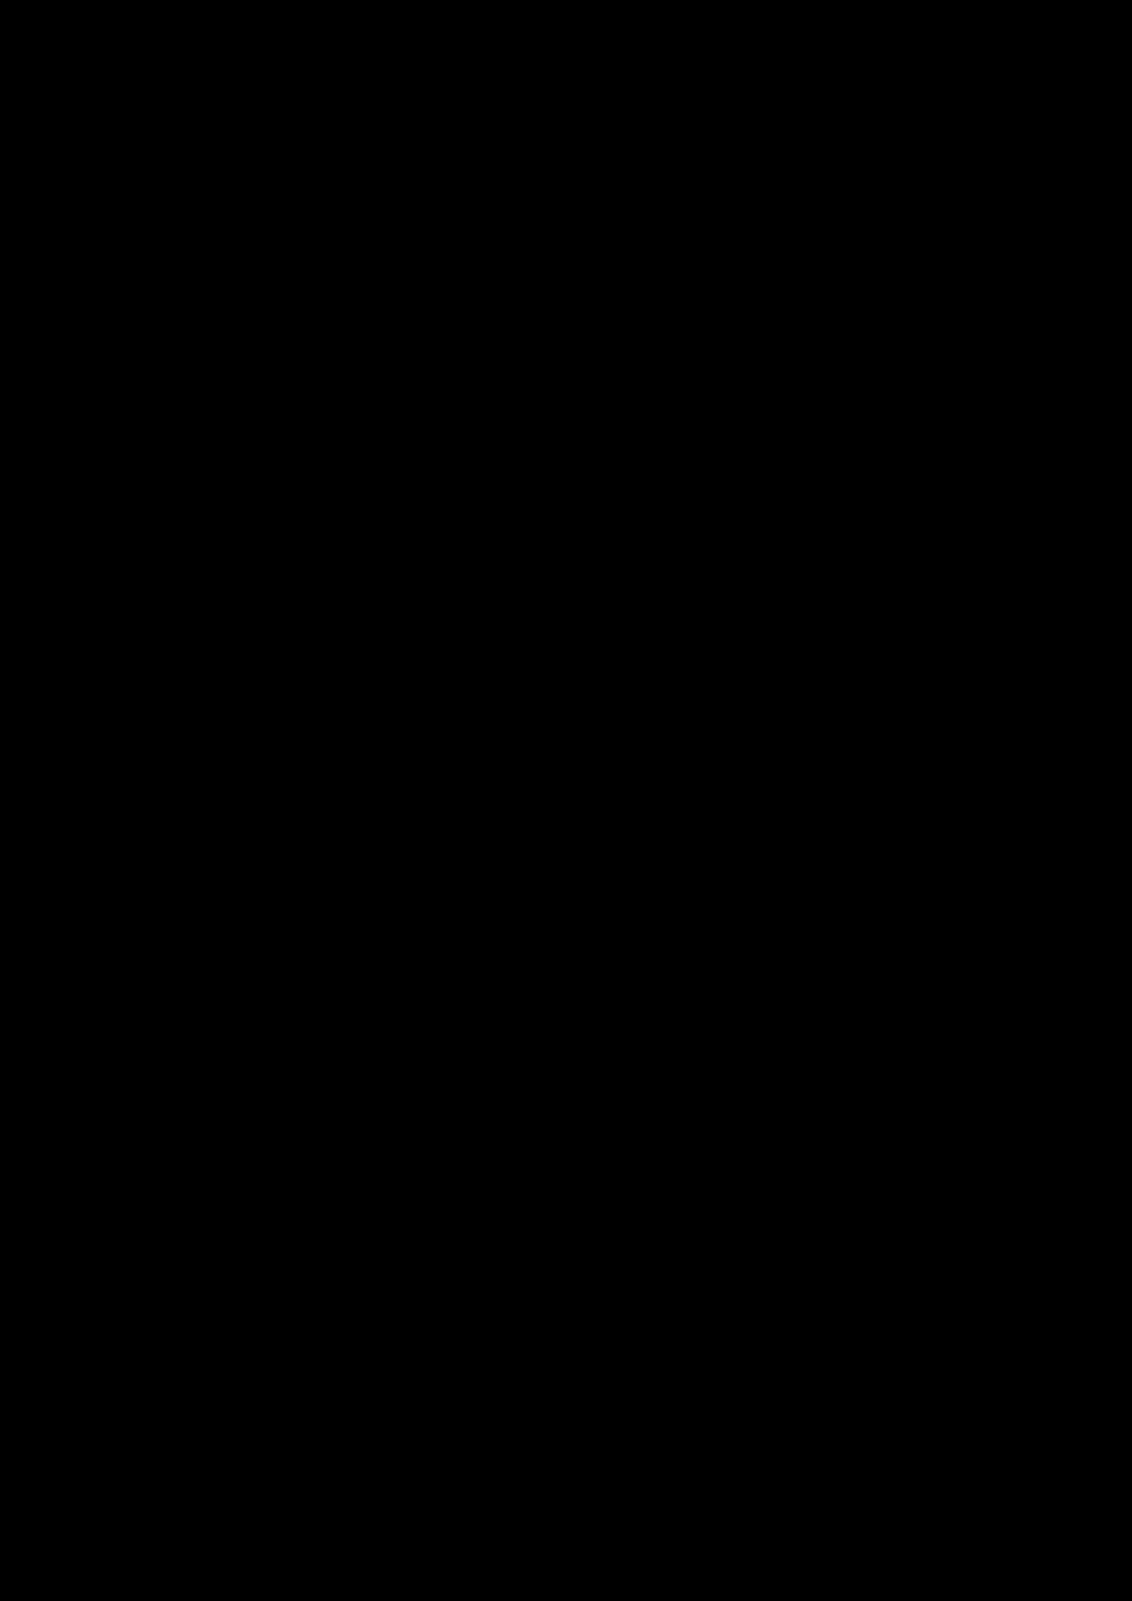 Vyibor Est slide, Image 37